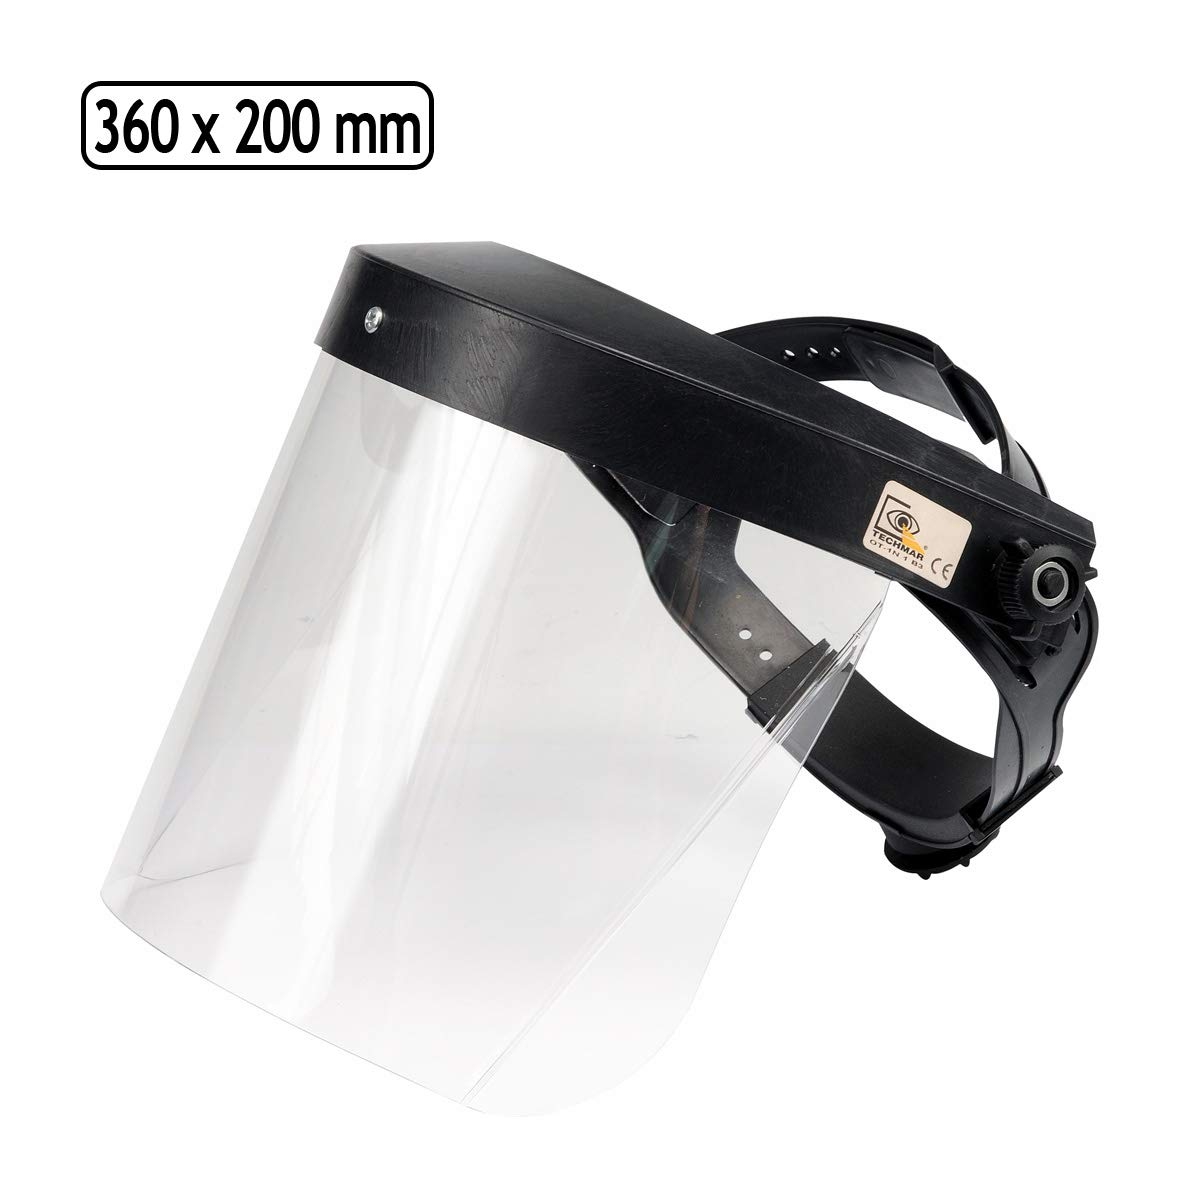 Schutzmaske Gesichtsschutz Visier Gesichtsschutzschirm Augenschutz Polycarbonat